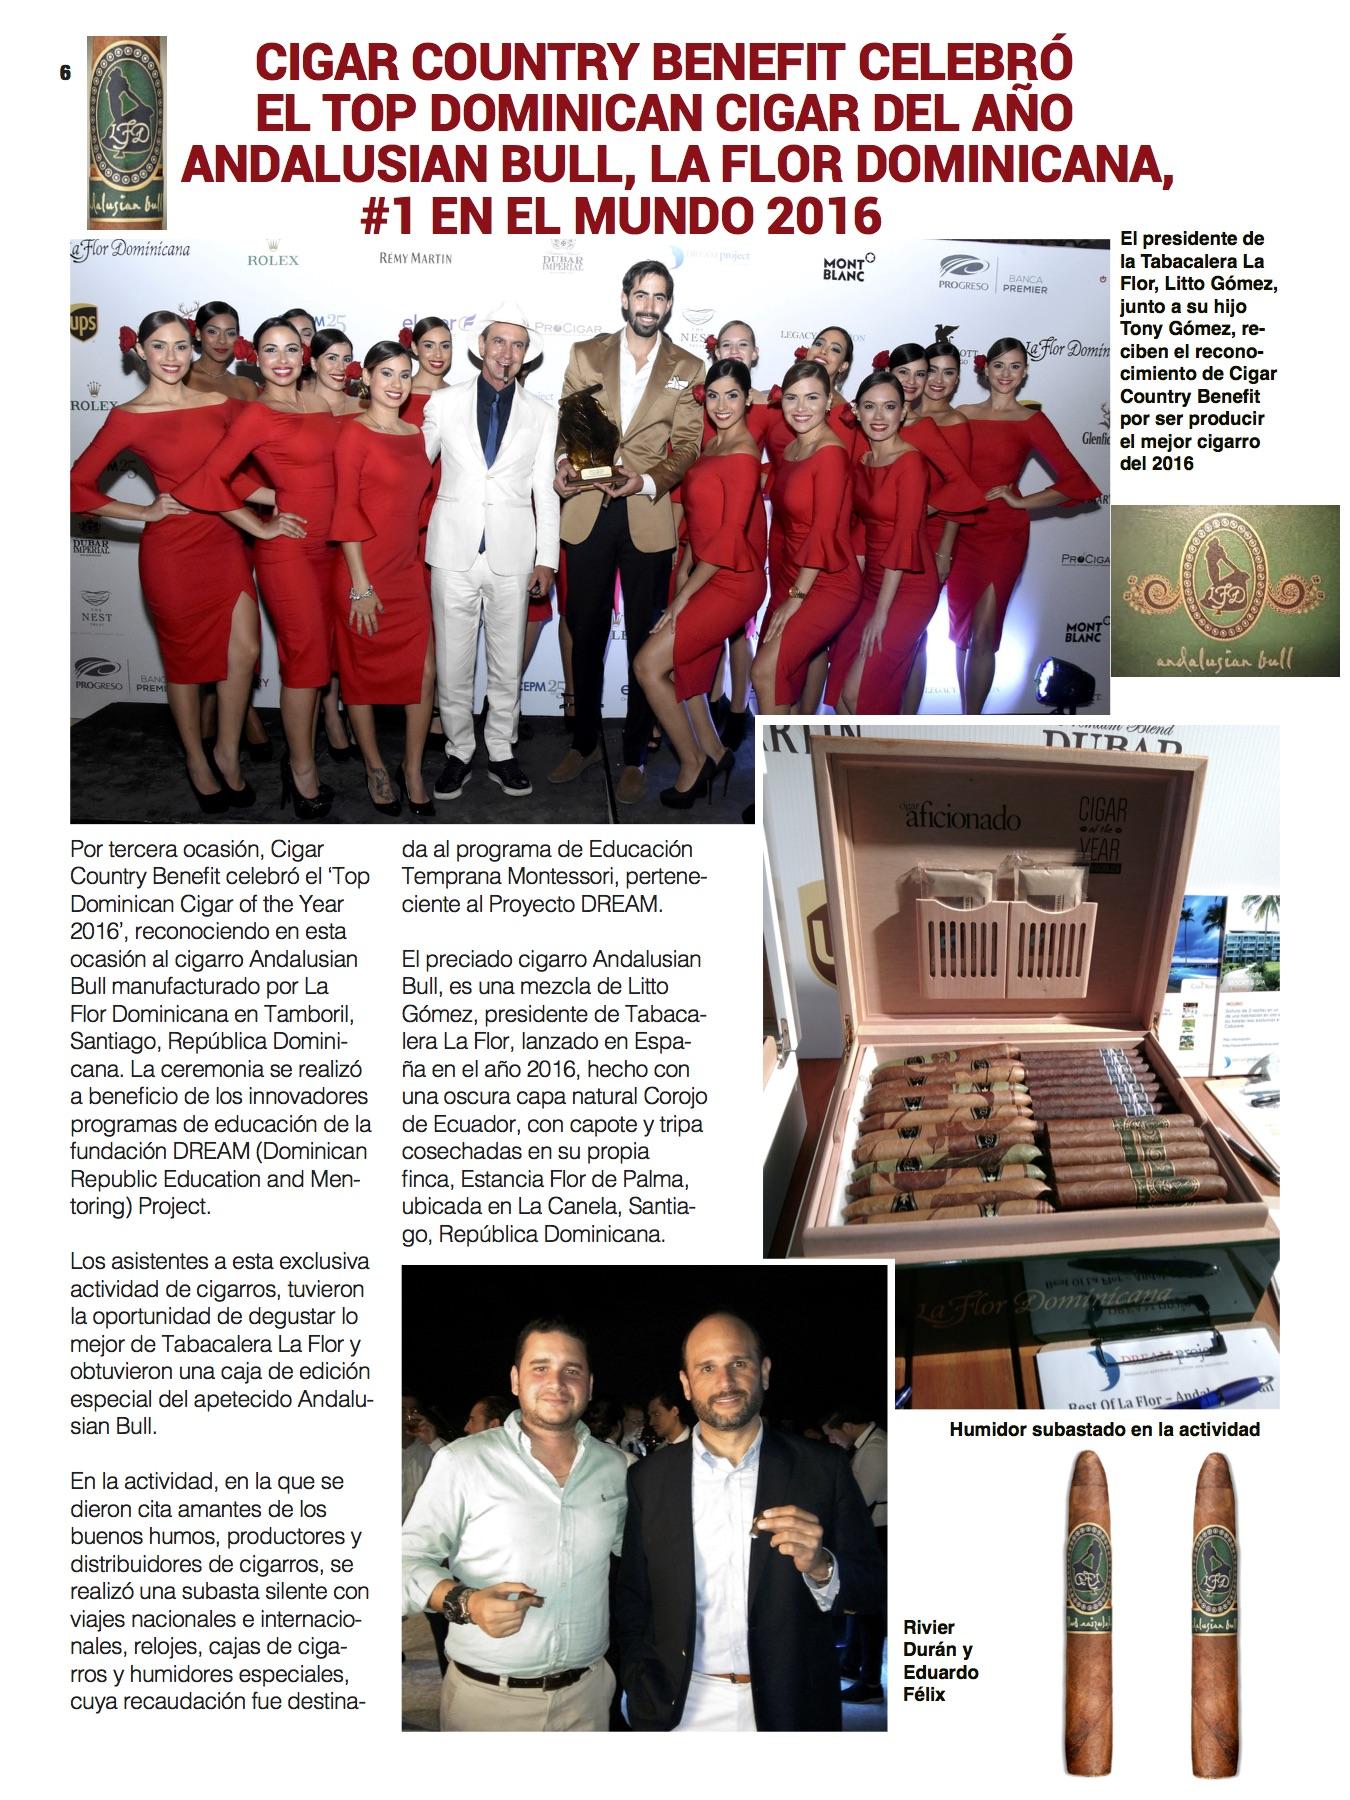 Cigarro Dominicano 174%40 Edicion Revista Digital.jpg